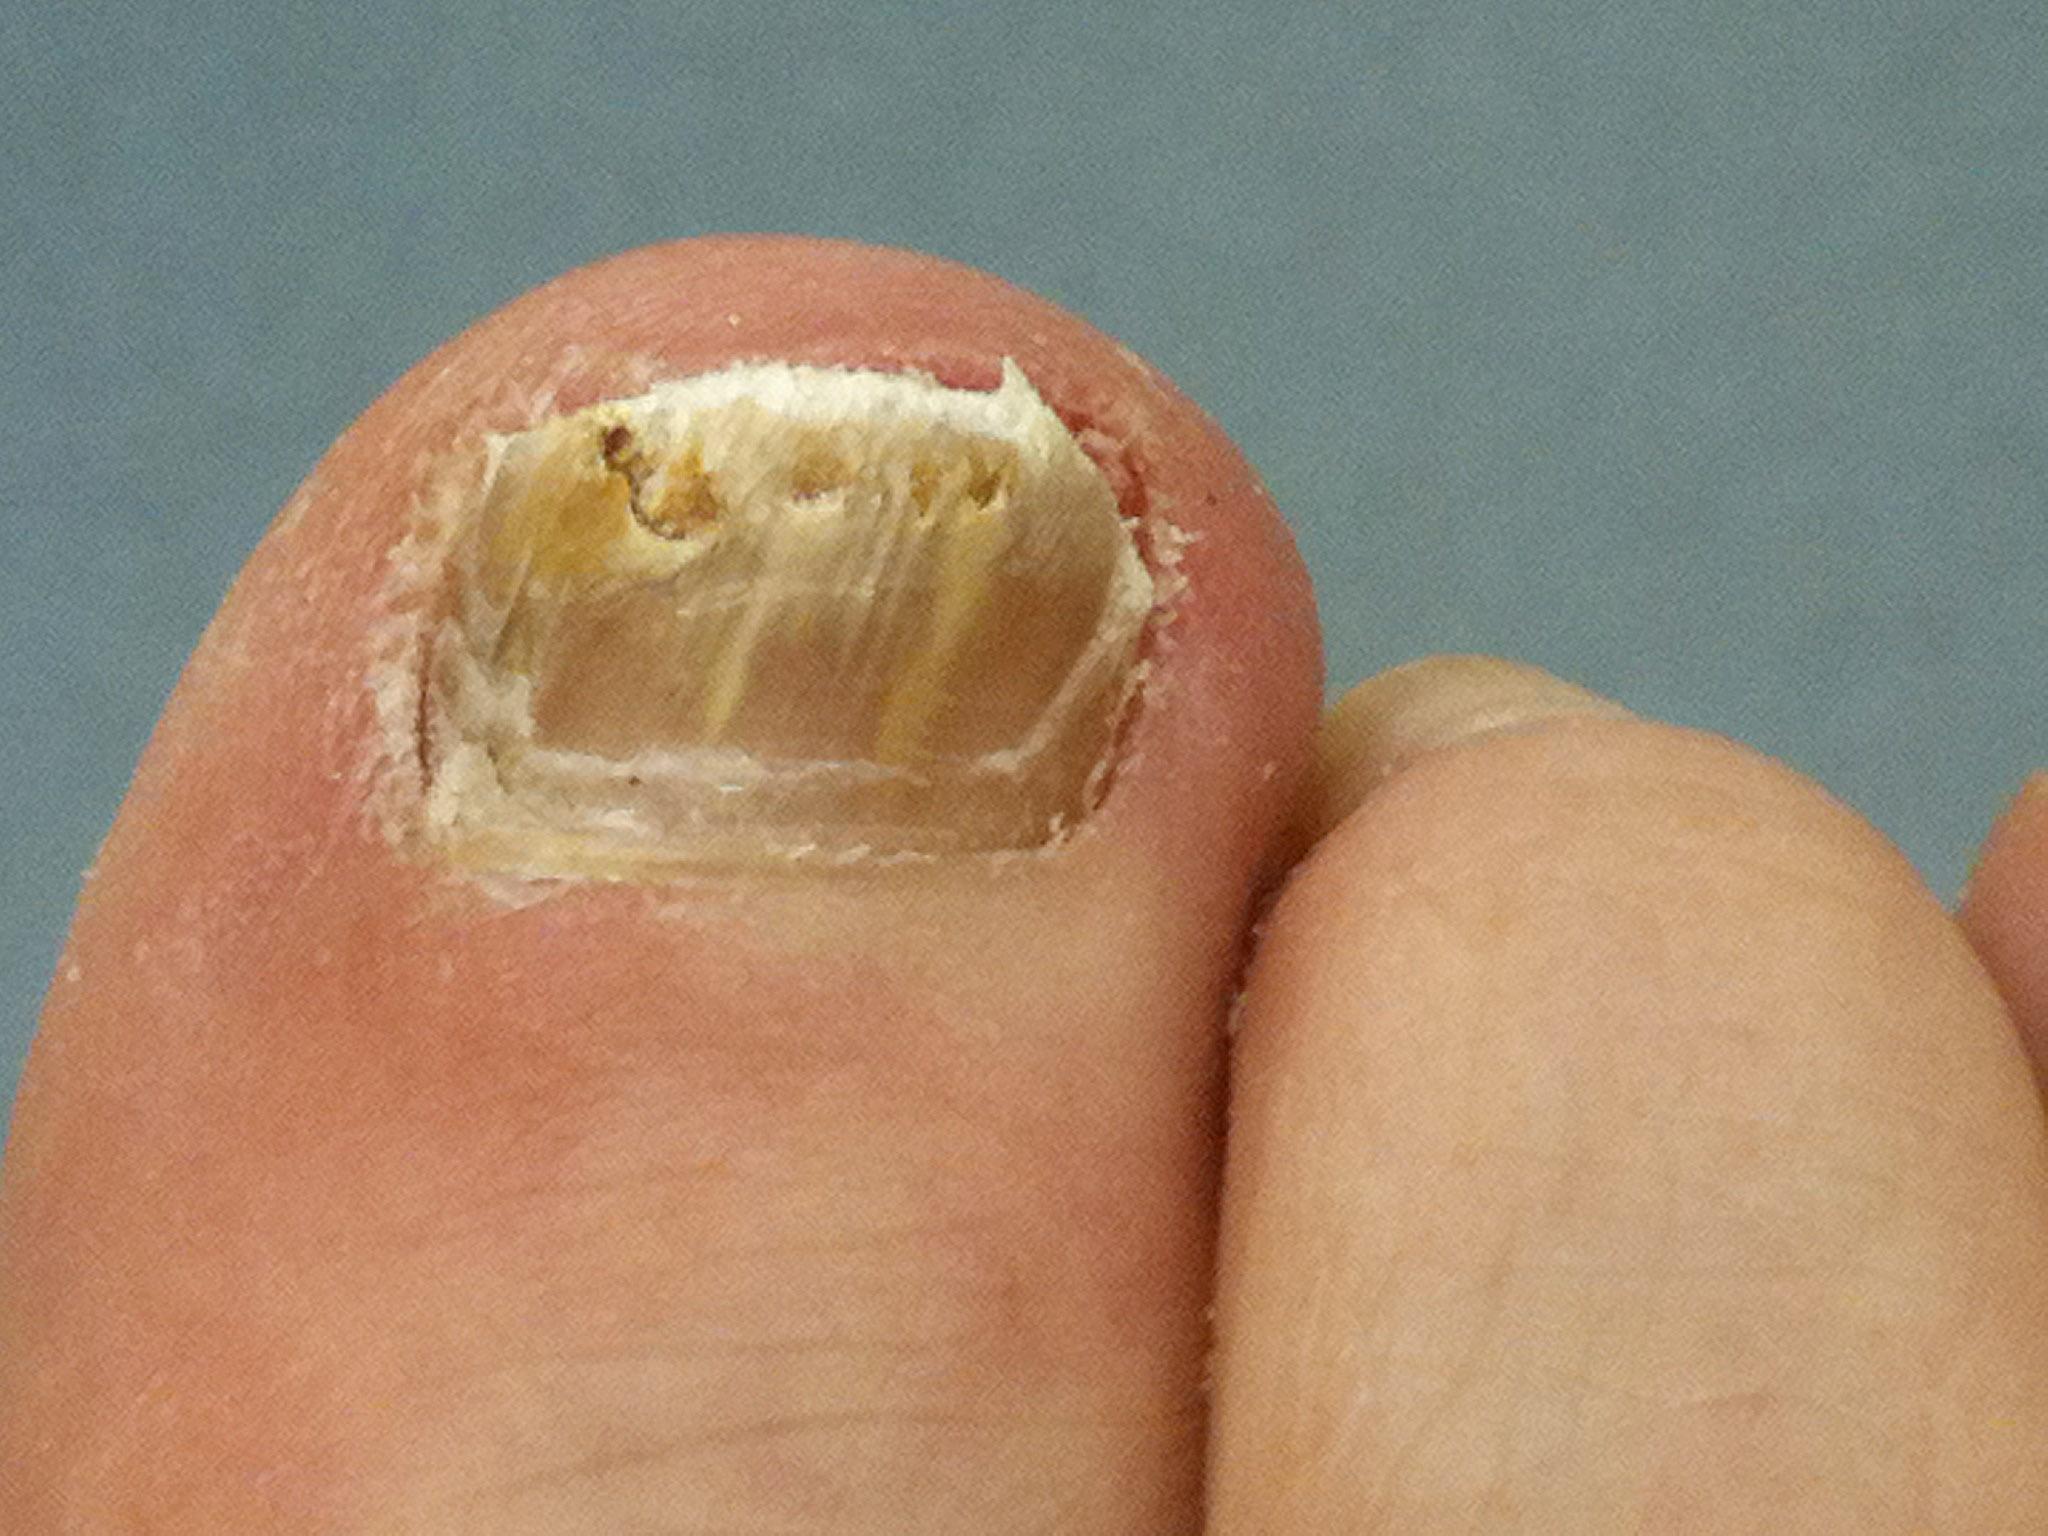 Fungal toenail